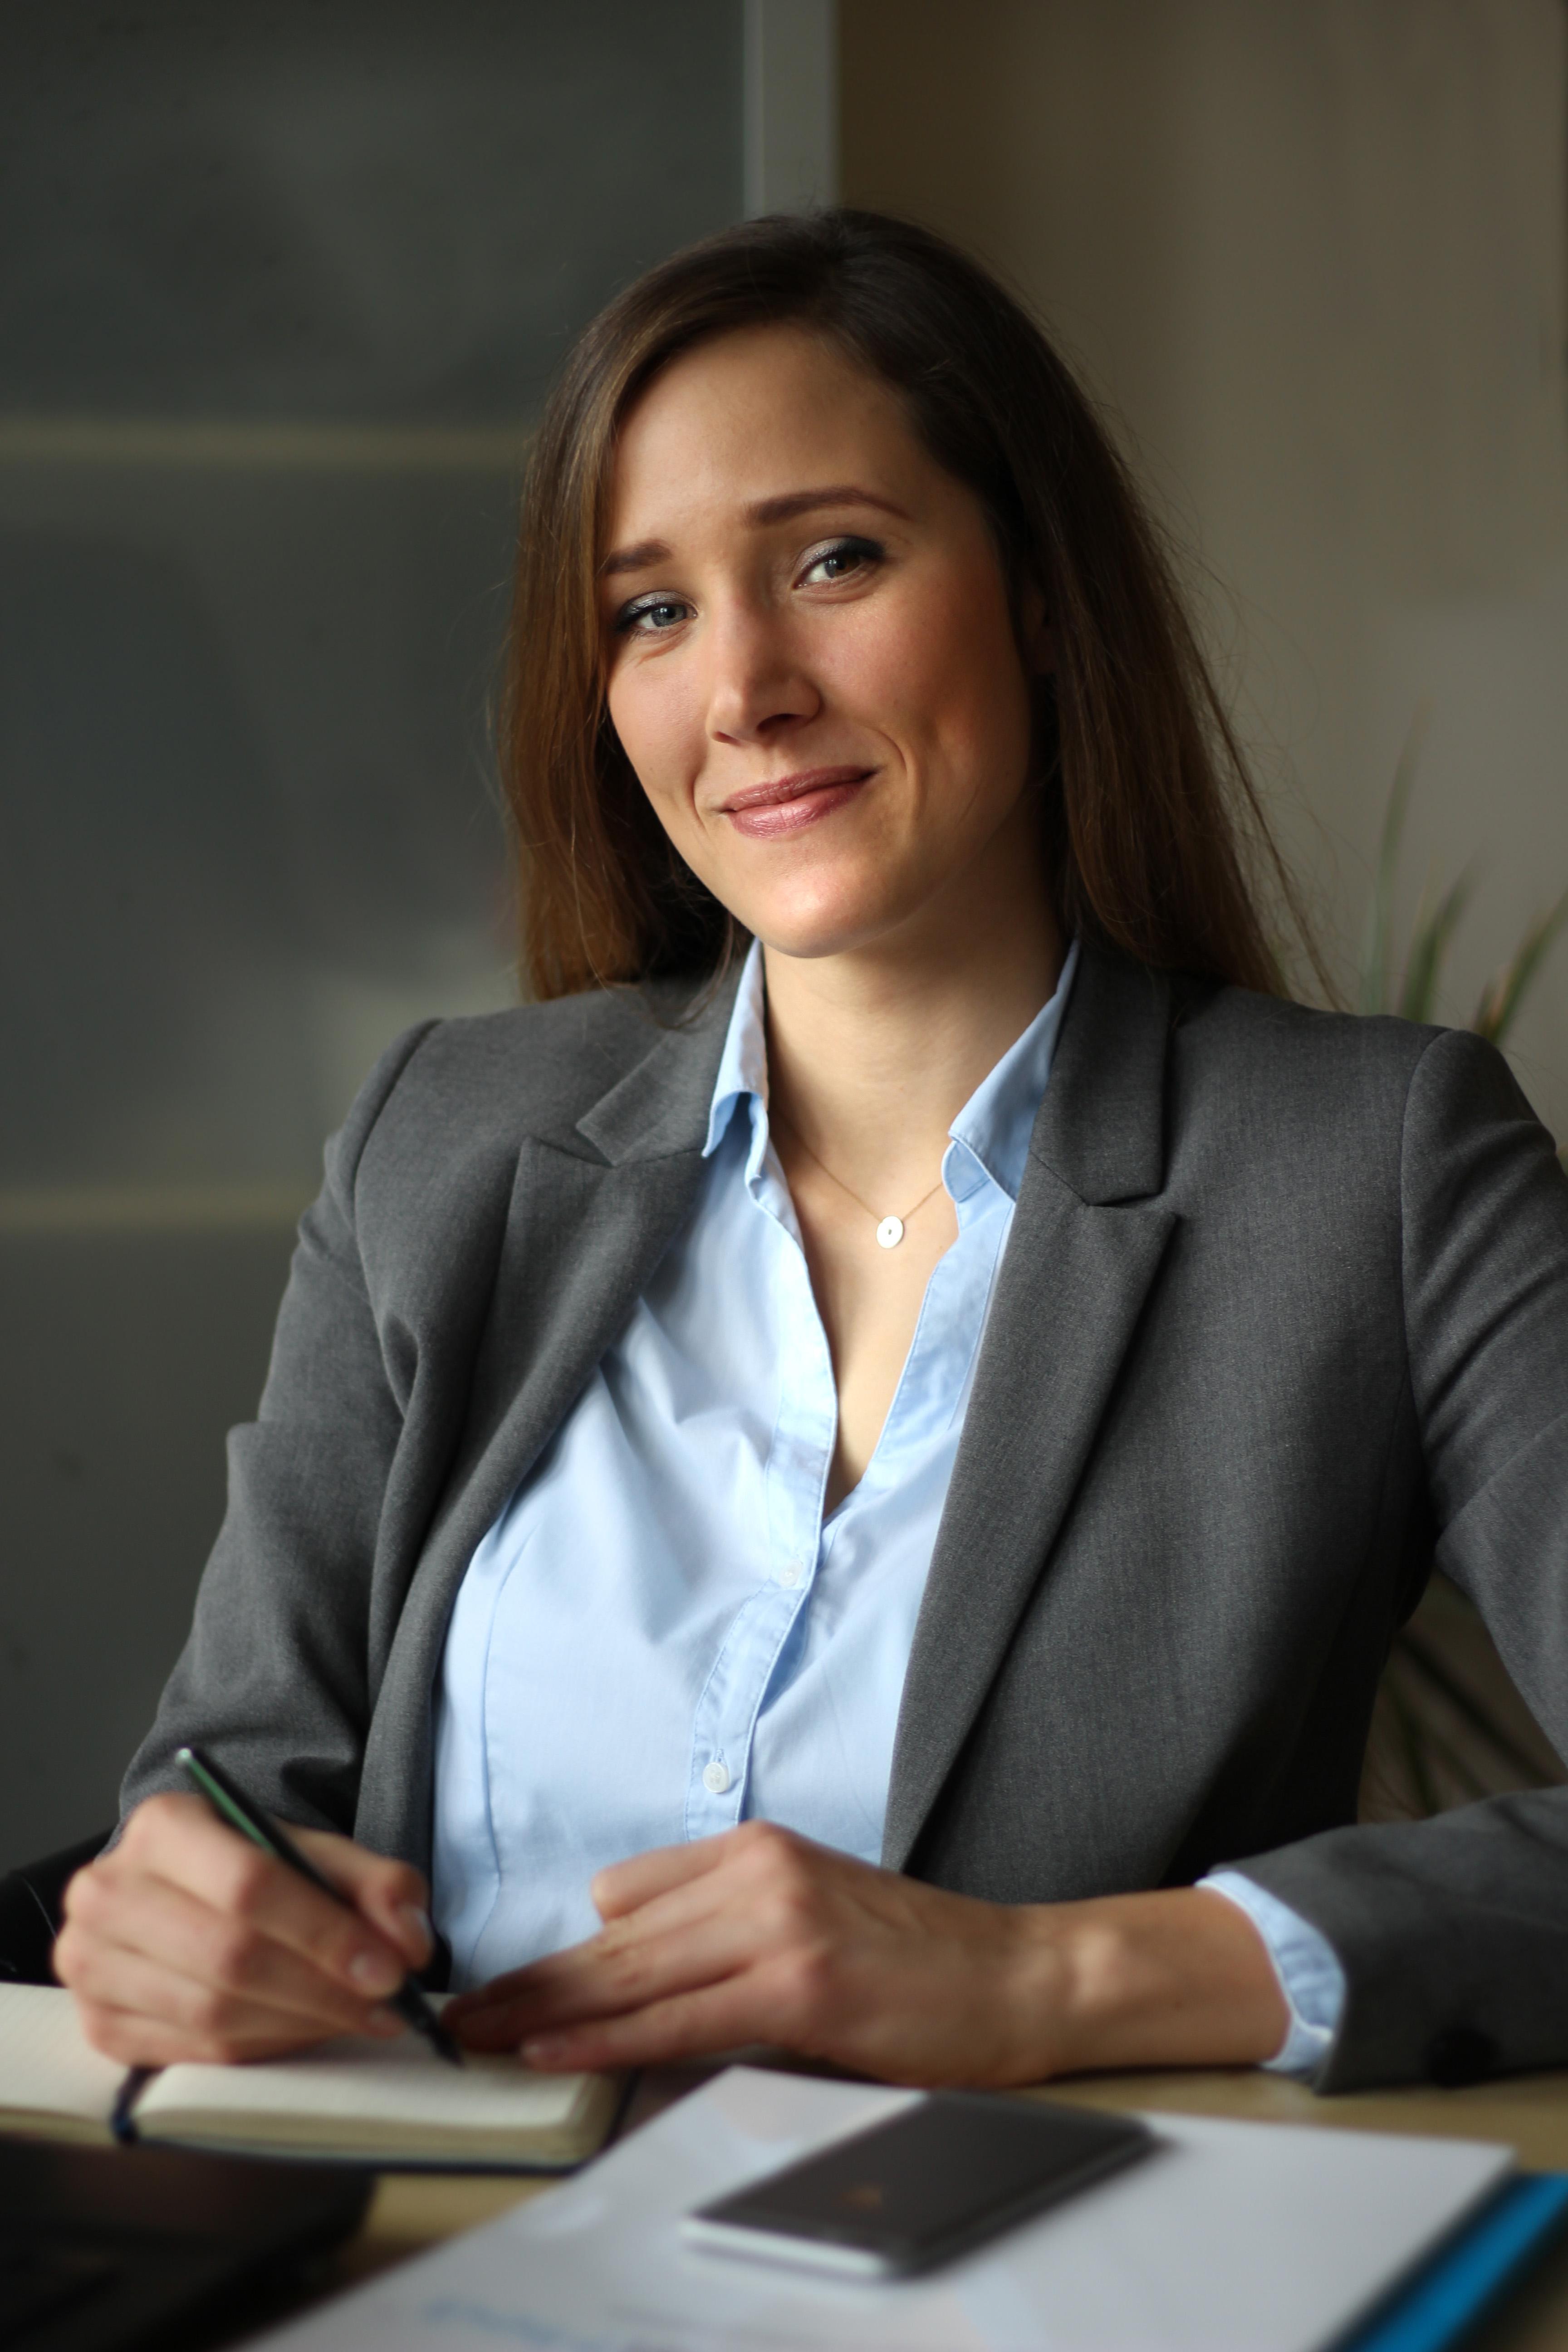 Maja Swinder